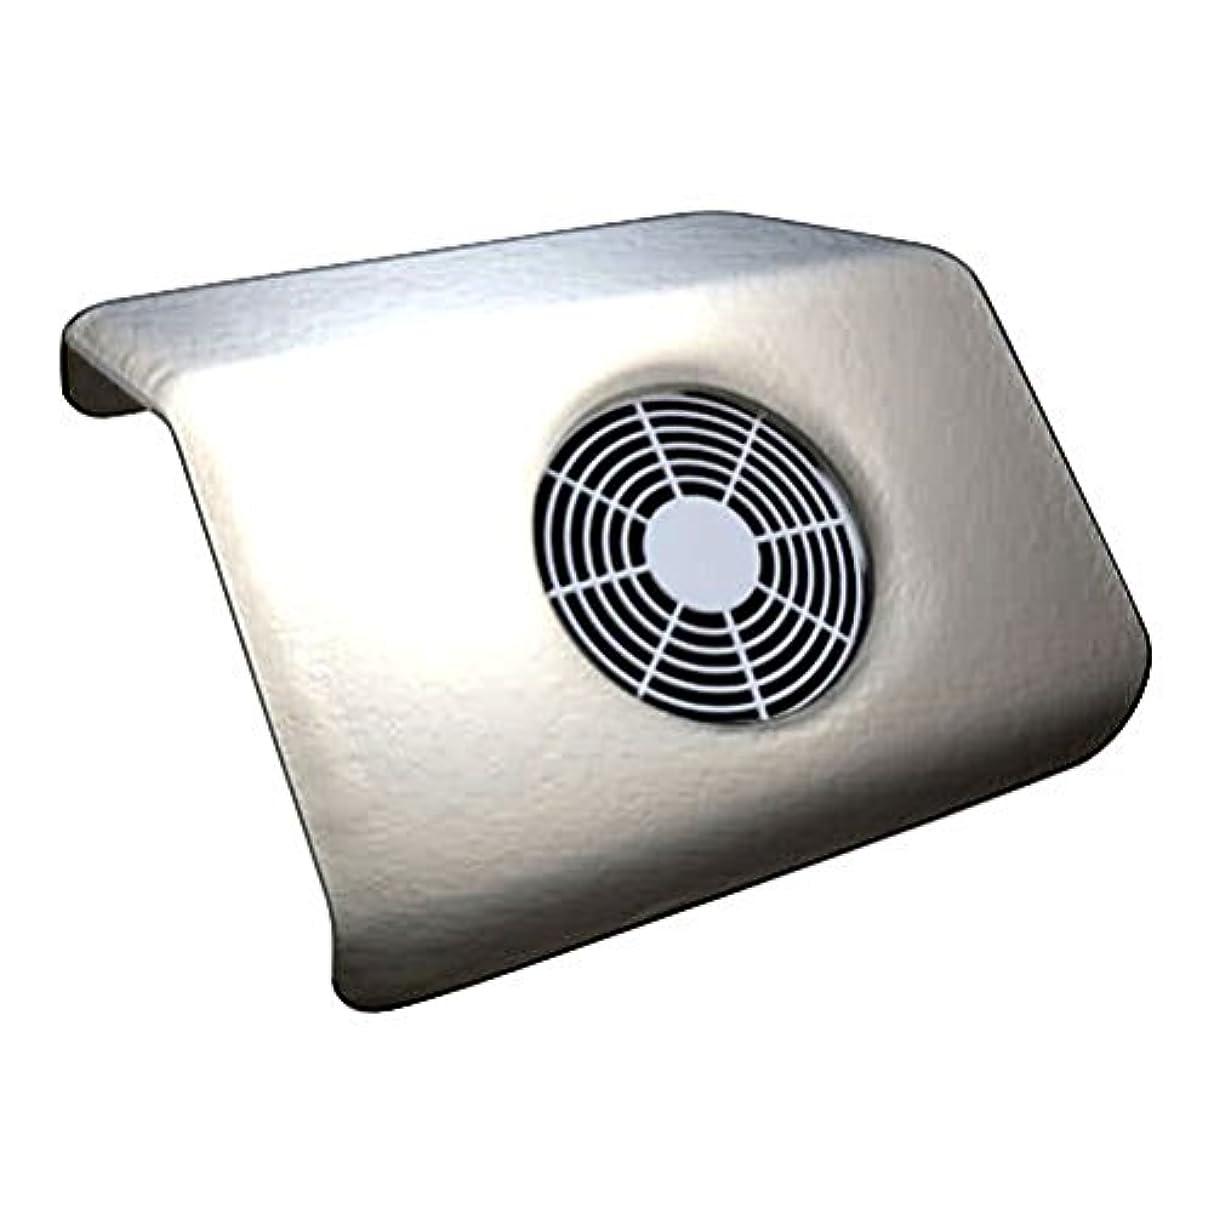 ボタン約束する専門化するBEAUTY NAILER ネイルダストコレクター ラージ シルバー DCL-S